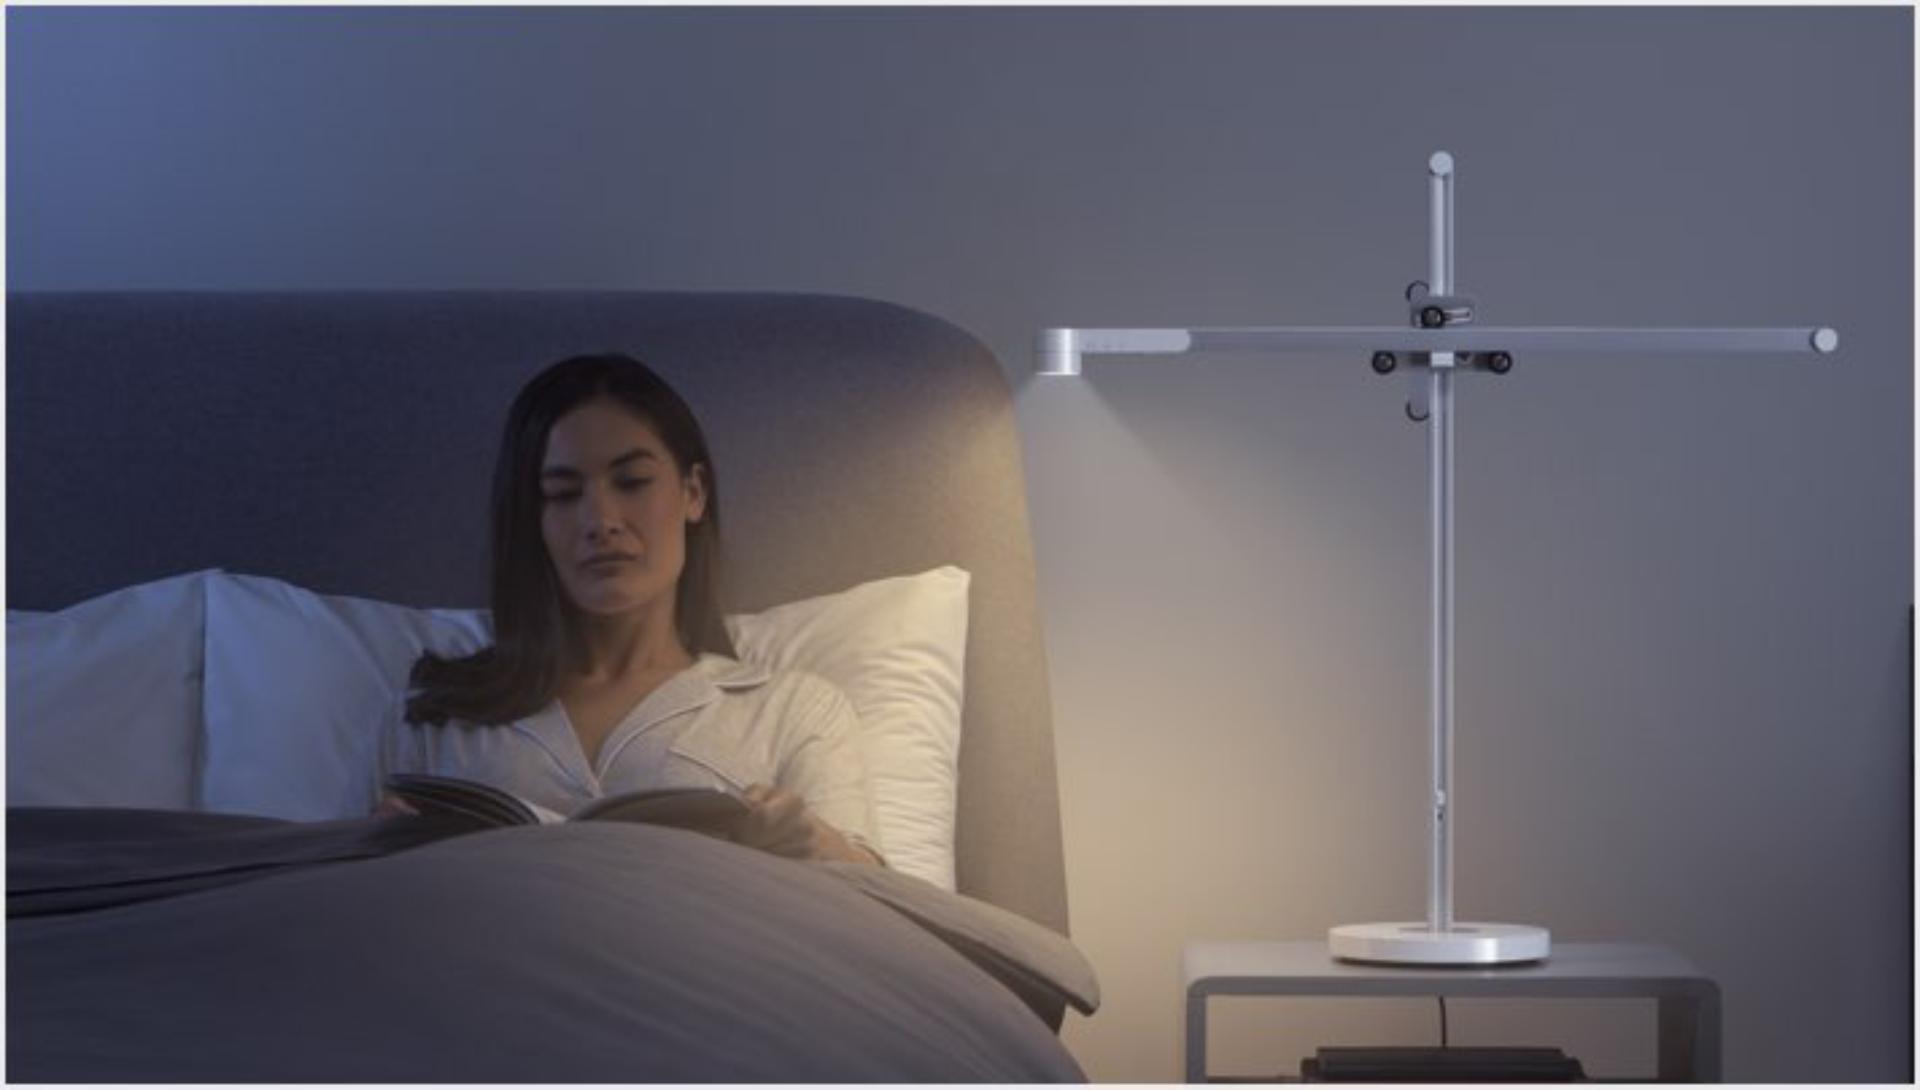 다이슨 라이트 사이클 테스크 조명을 켜고 침대에서 휴식 중인 여성